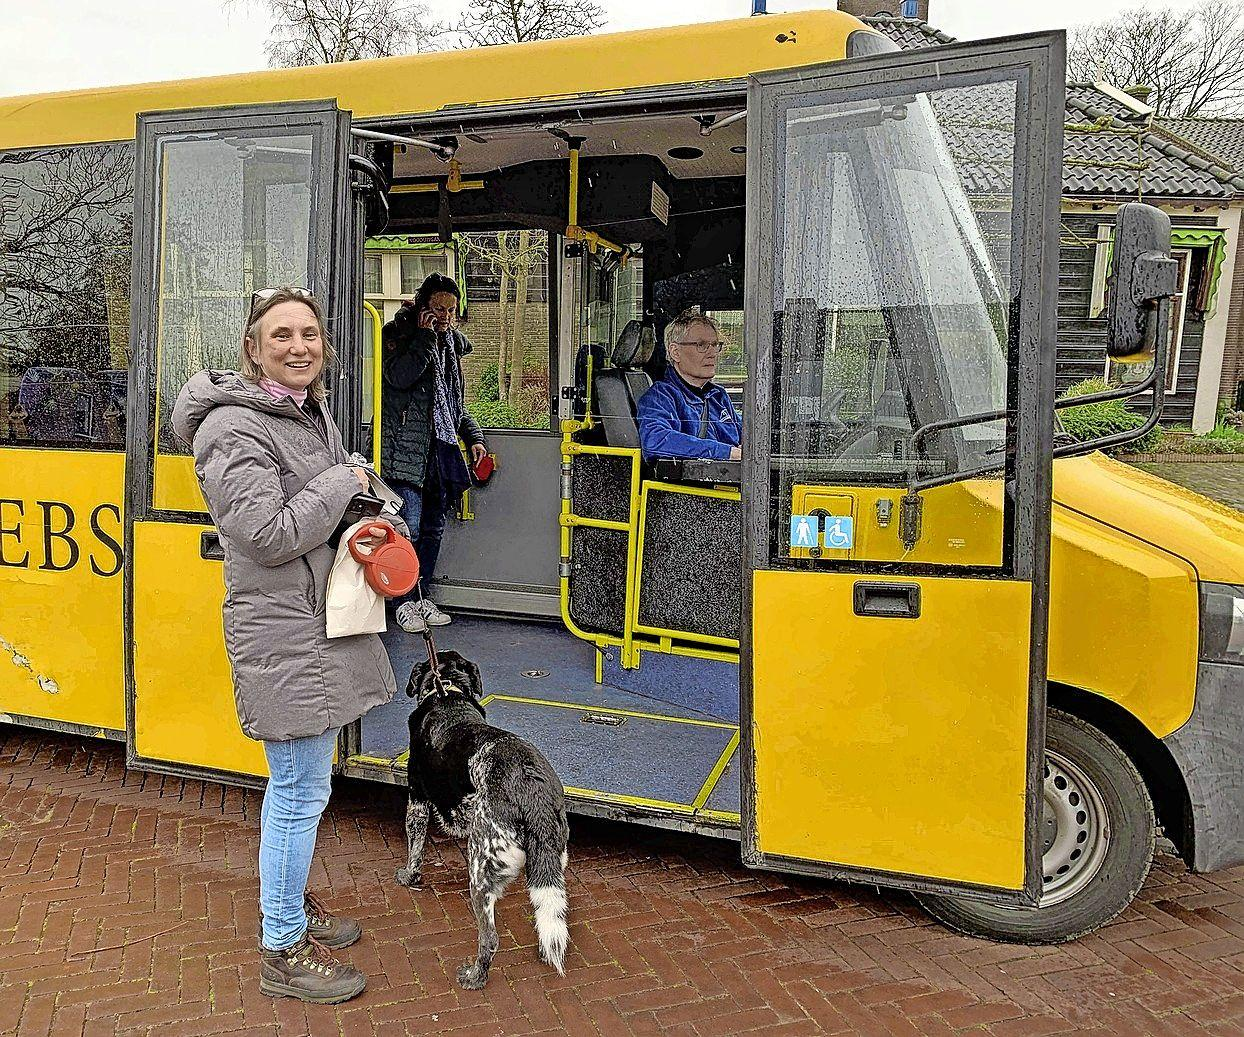 Stikstof, nertsen en de liefde voor schaatsen leveren Laura Bromet uit Monnickendam 25.000 voorkeurstemmen op